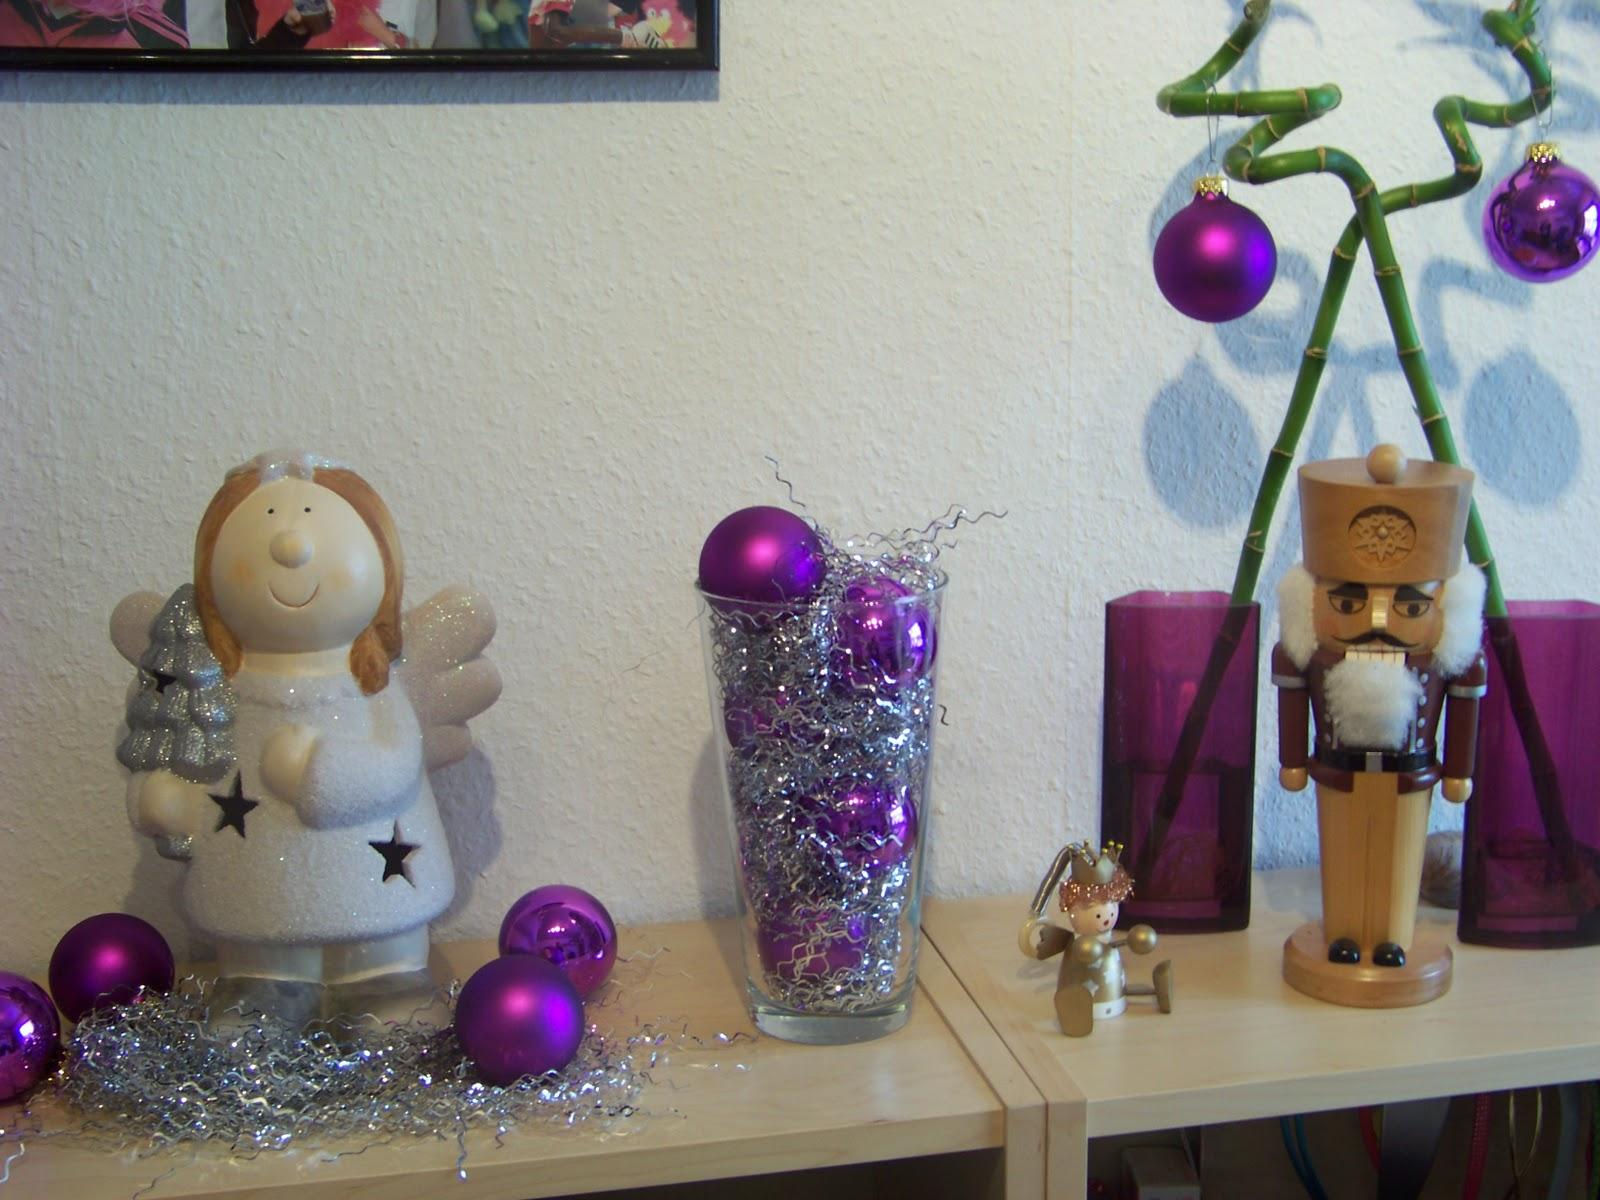 Eska kreativ weihnachtsdeko teil 1 - Weihnachtsdeko lila ...